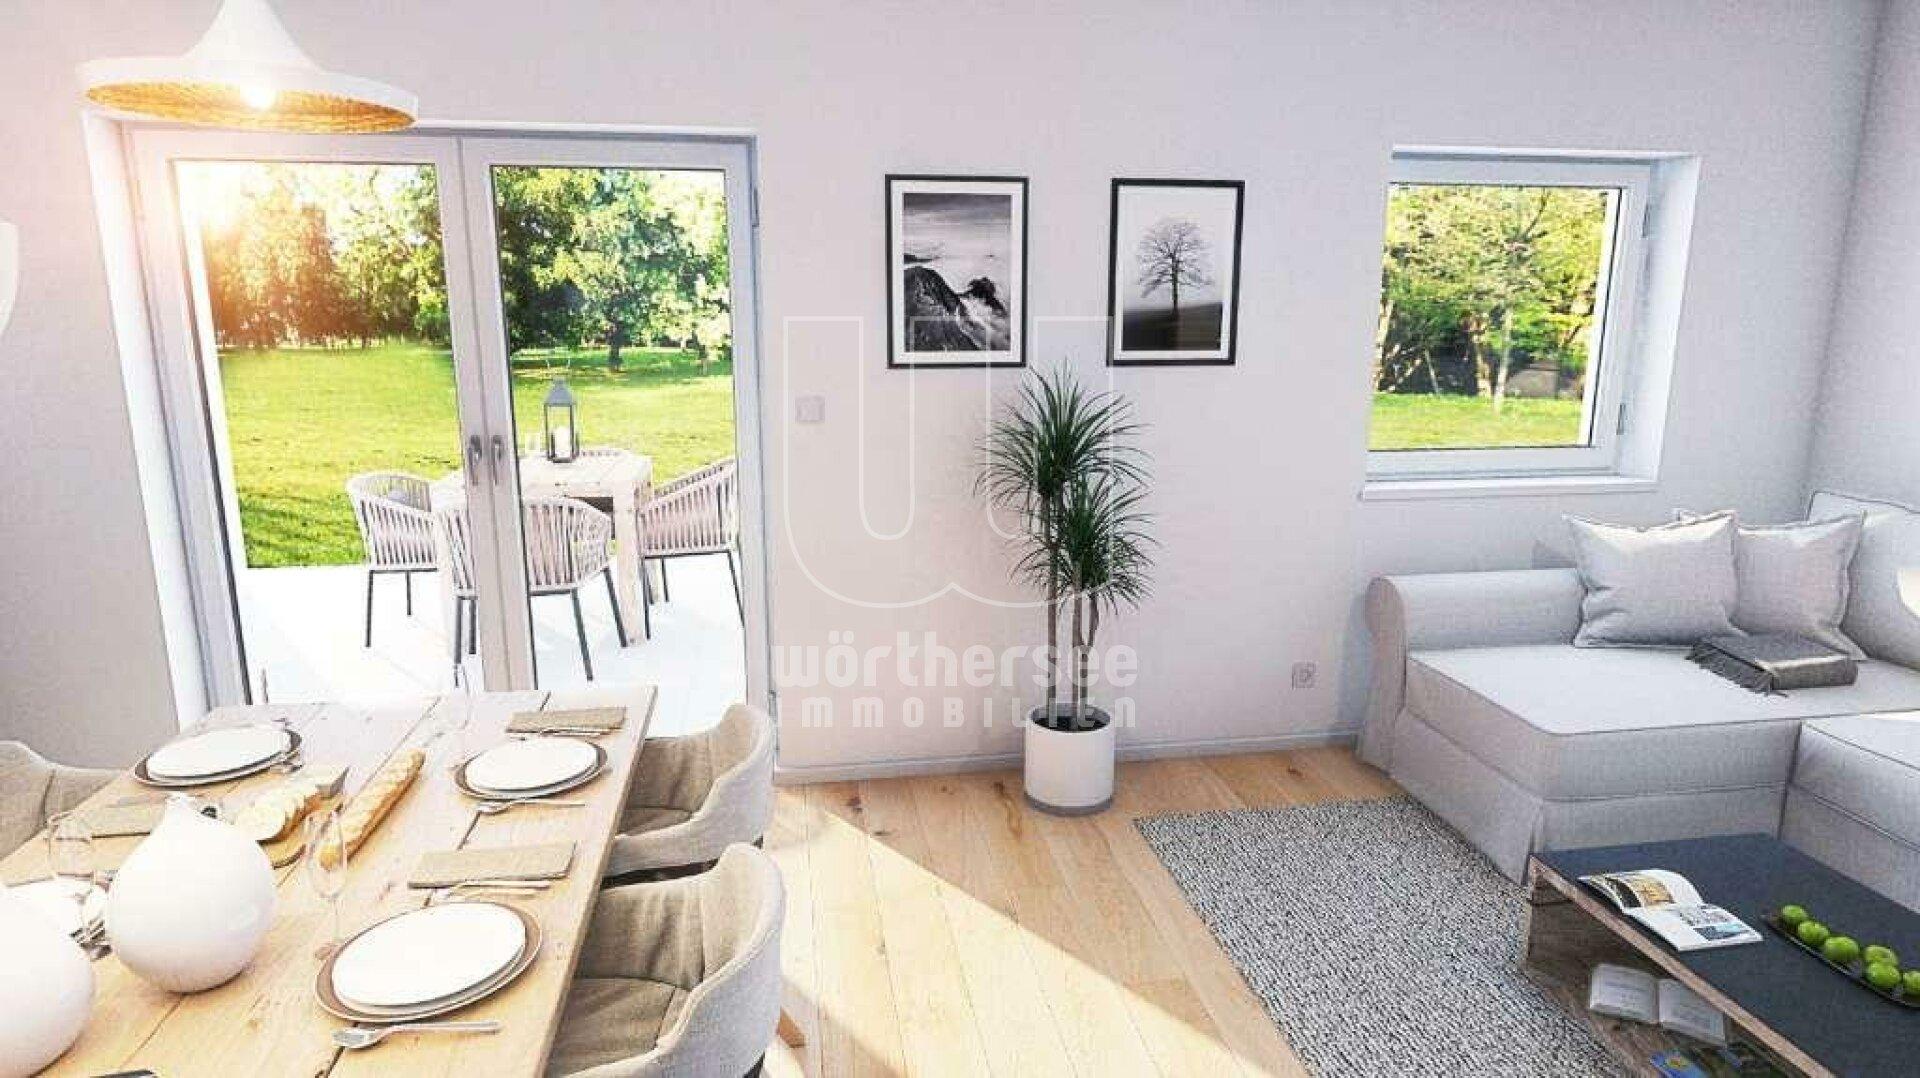 Visualisierung: Wohnzimmer mit Blick in den Garten